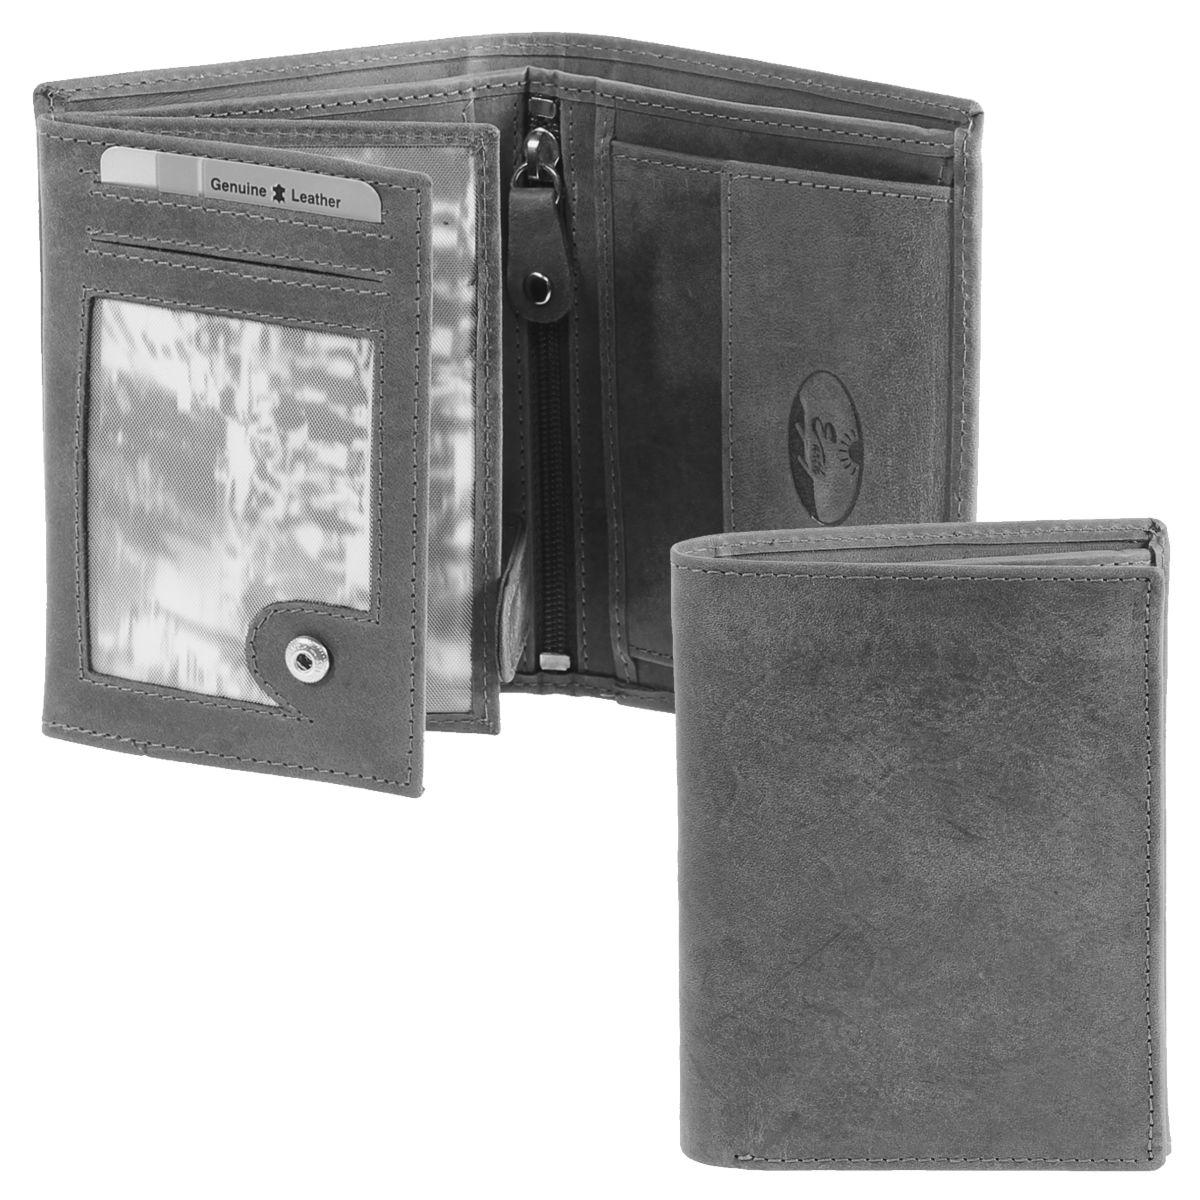 Geldbörse: Braun, Grau oder Cognac, Leder / Art.-Nr. 282770